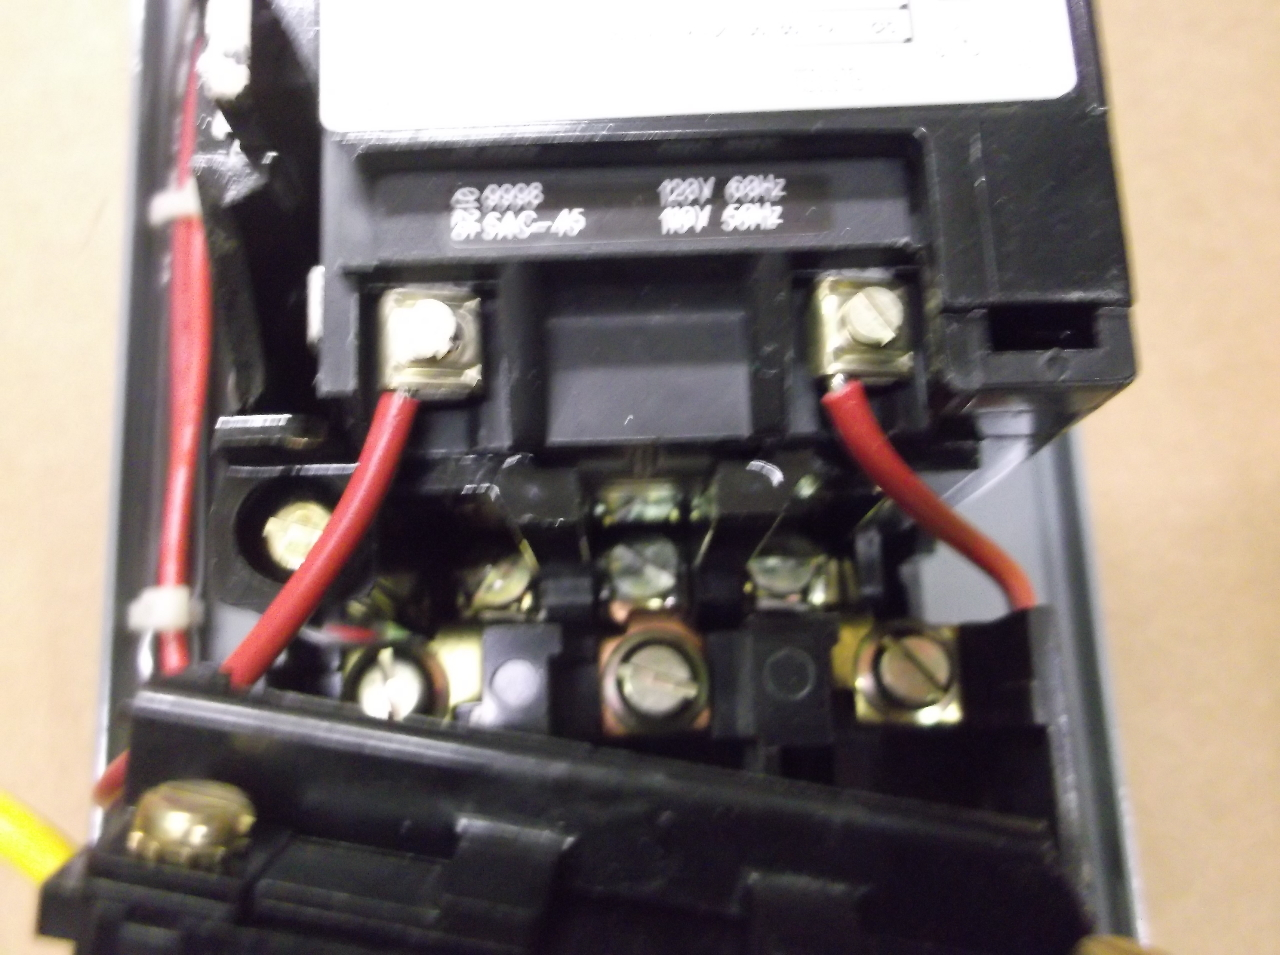 Square d combo w motor starter size 00 model for Square d combination motor starter